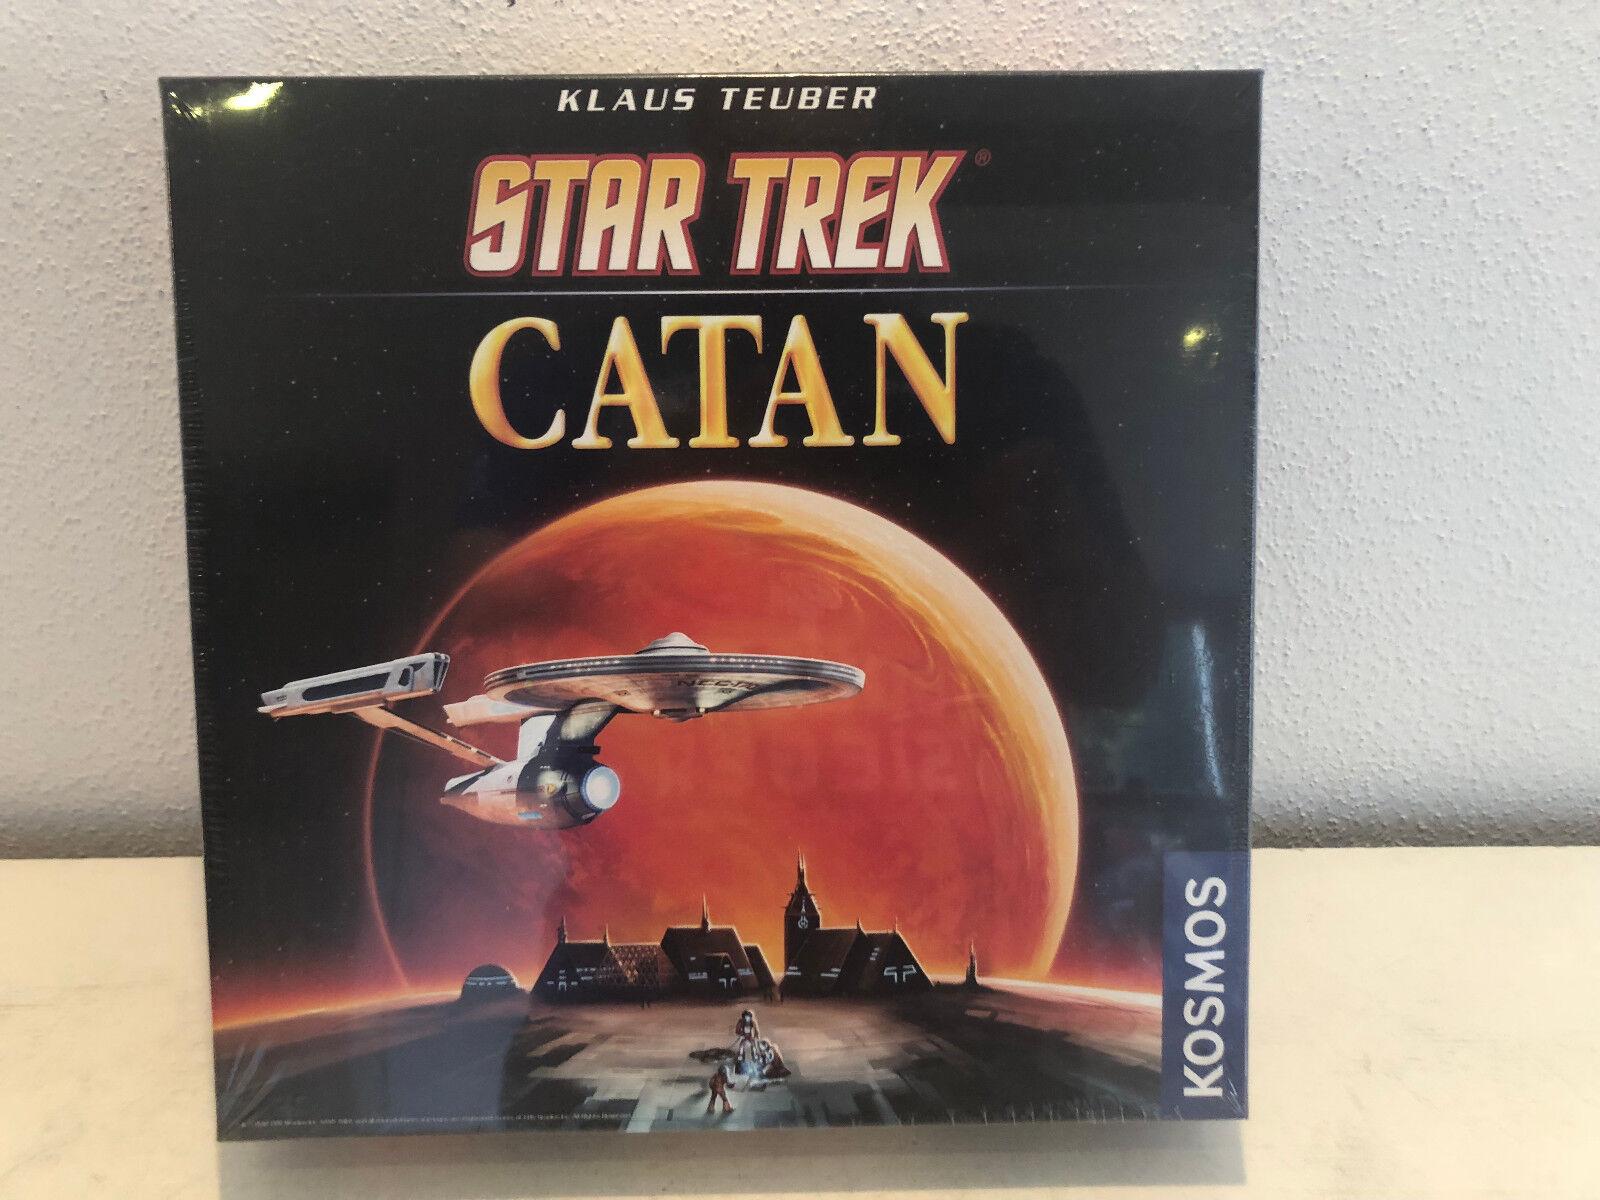 Star Trek Catane de cosmos dans neuf dans sa boîte société plateau de jeu colons familles